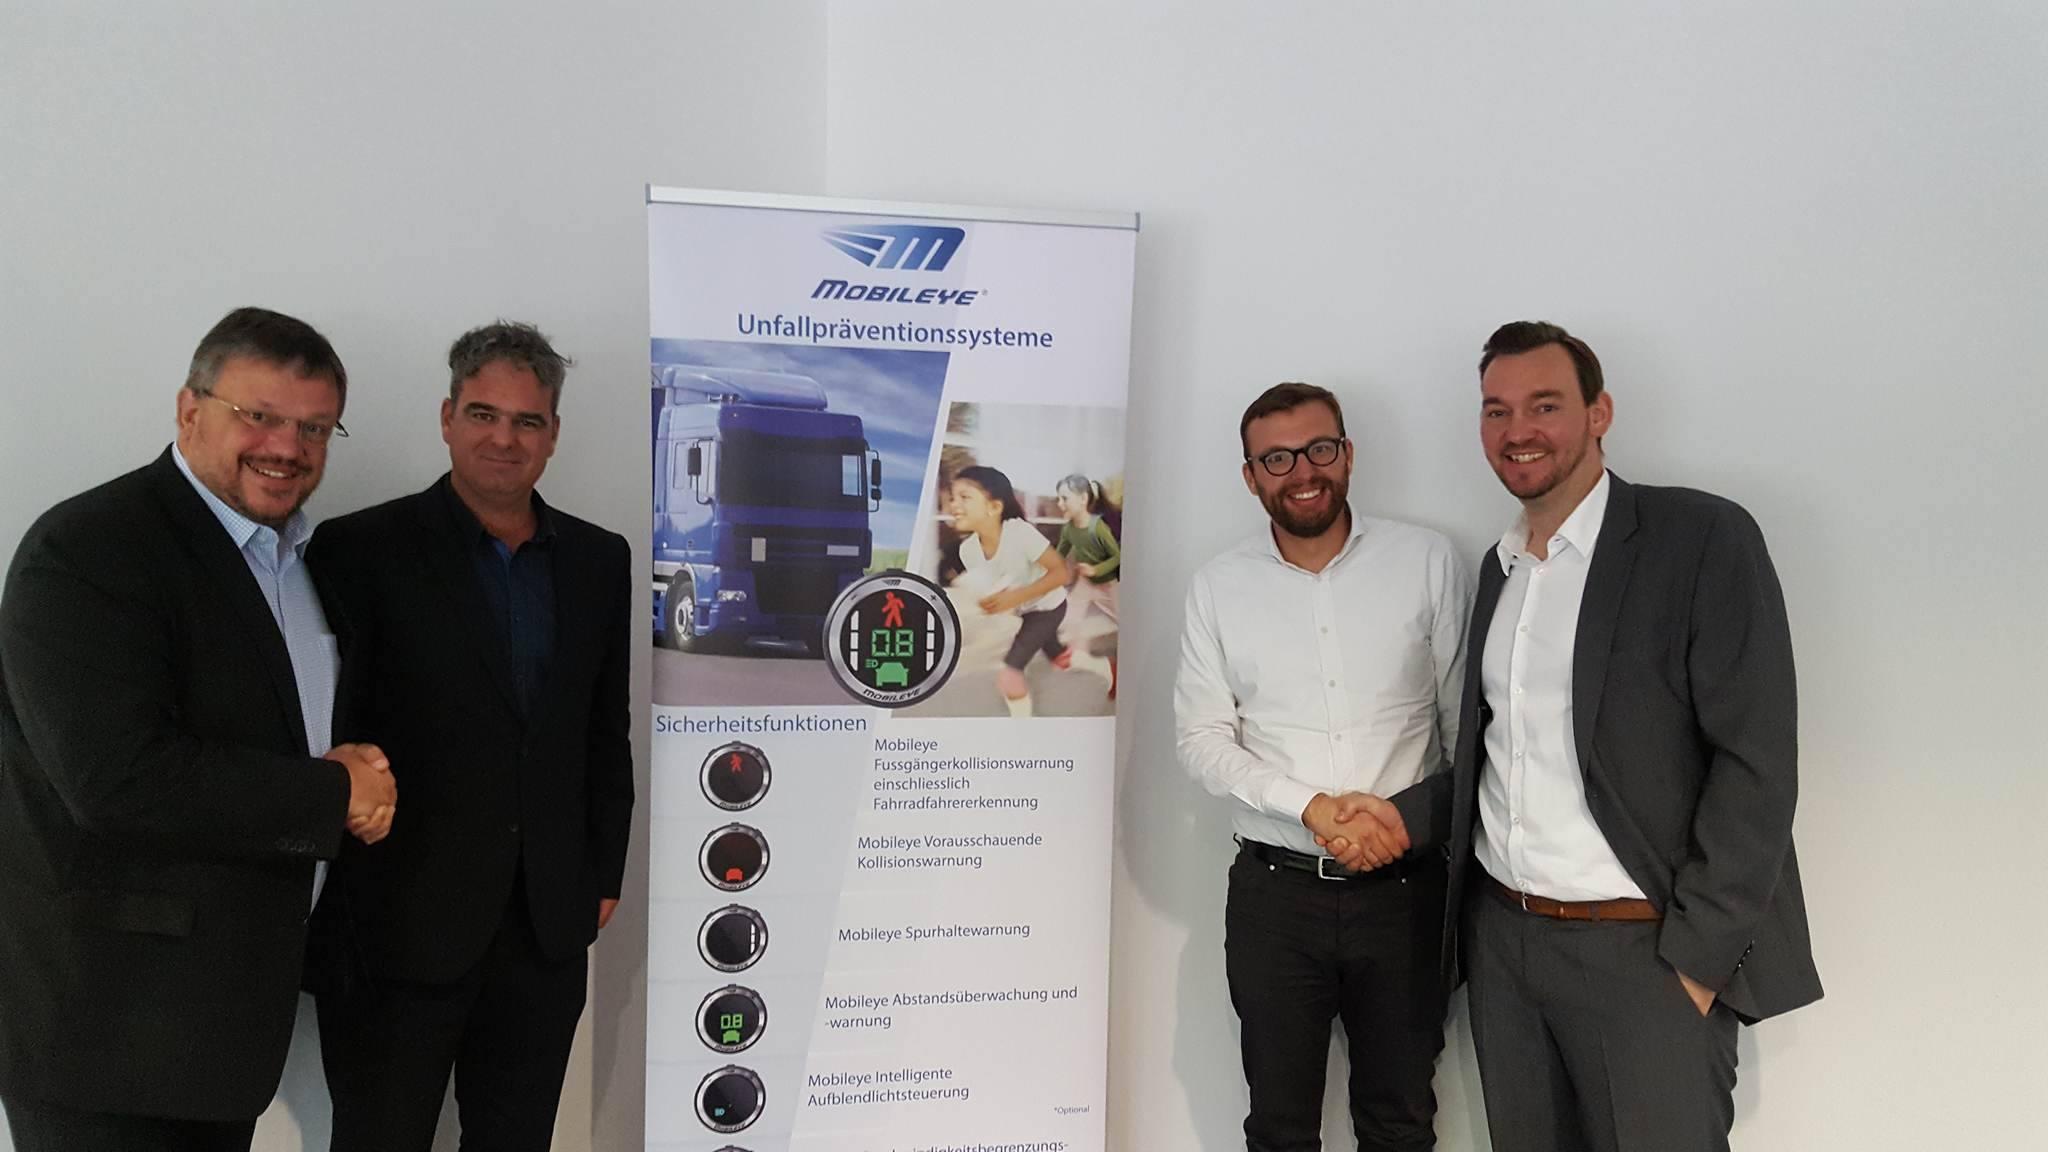 Unfallprävention und Fahrerassistenz: Andreas Rimkus MdB besuchte den Technologie-Anbieter Mobileye in Düsseldorf